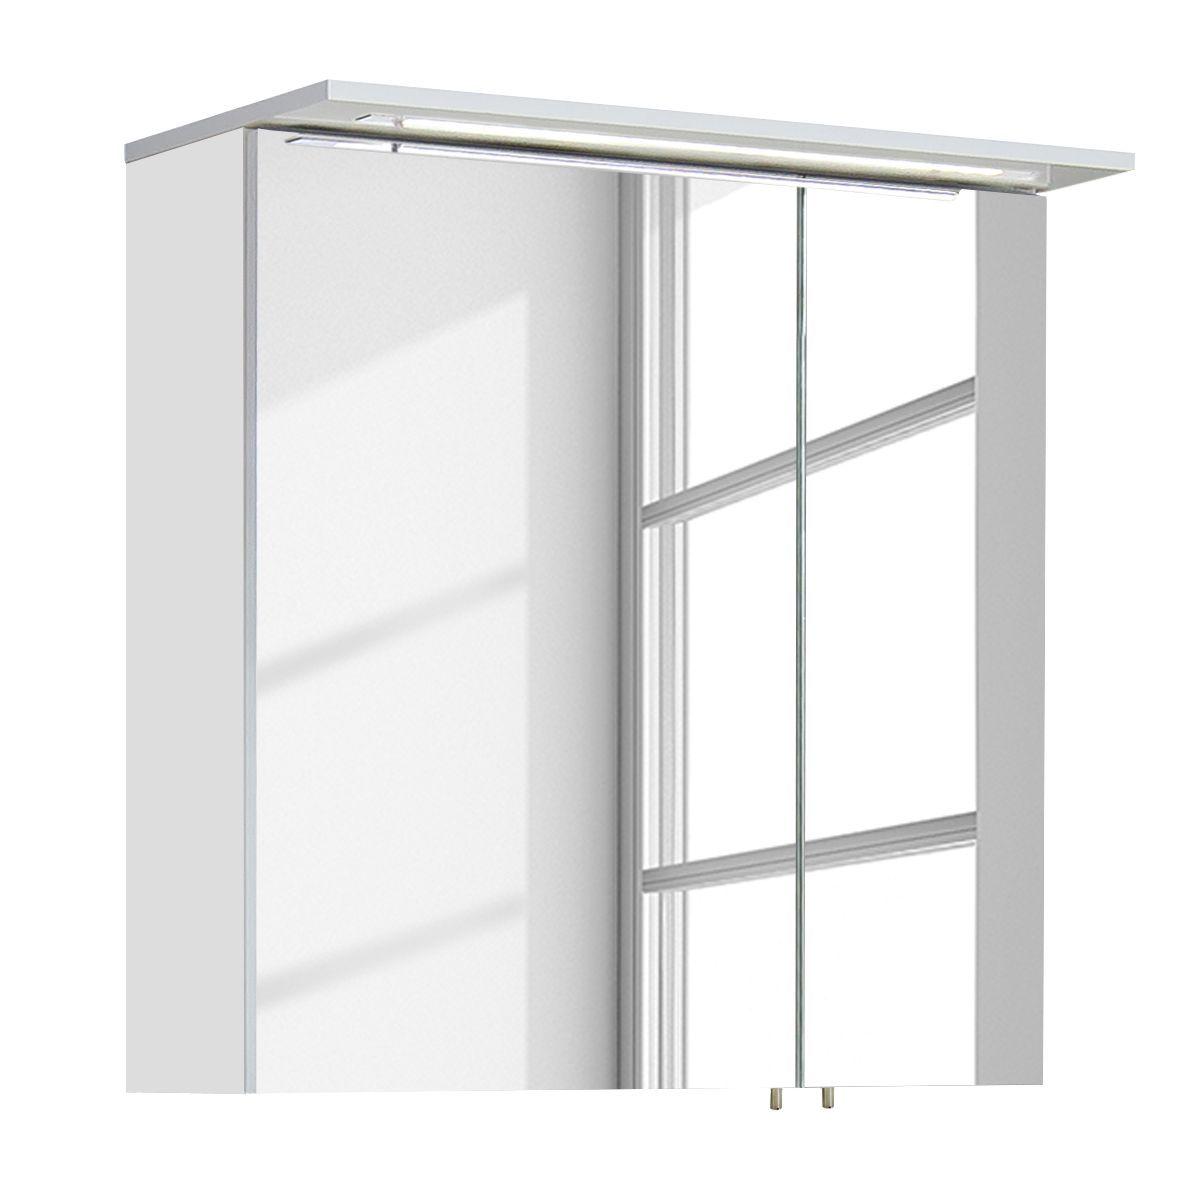 Spiegelschrank Genf Ii In 2020 Spiegelschrank Badezimmer Gunstig Und Waschtisch 80 Cm